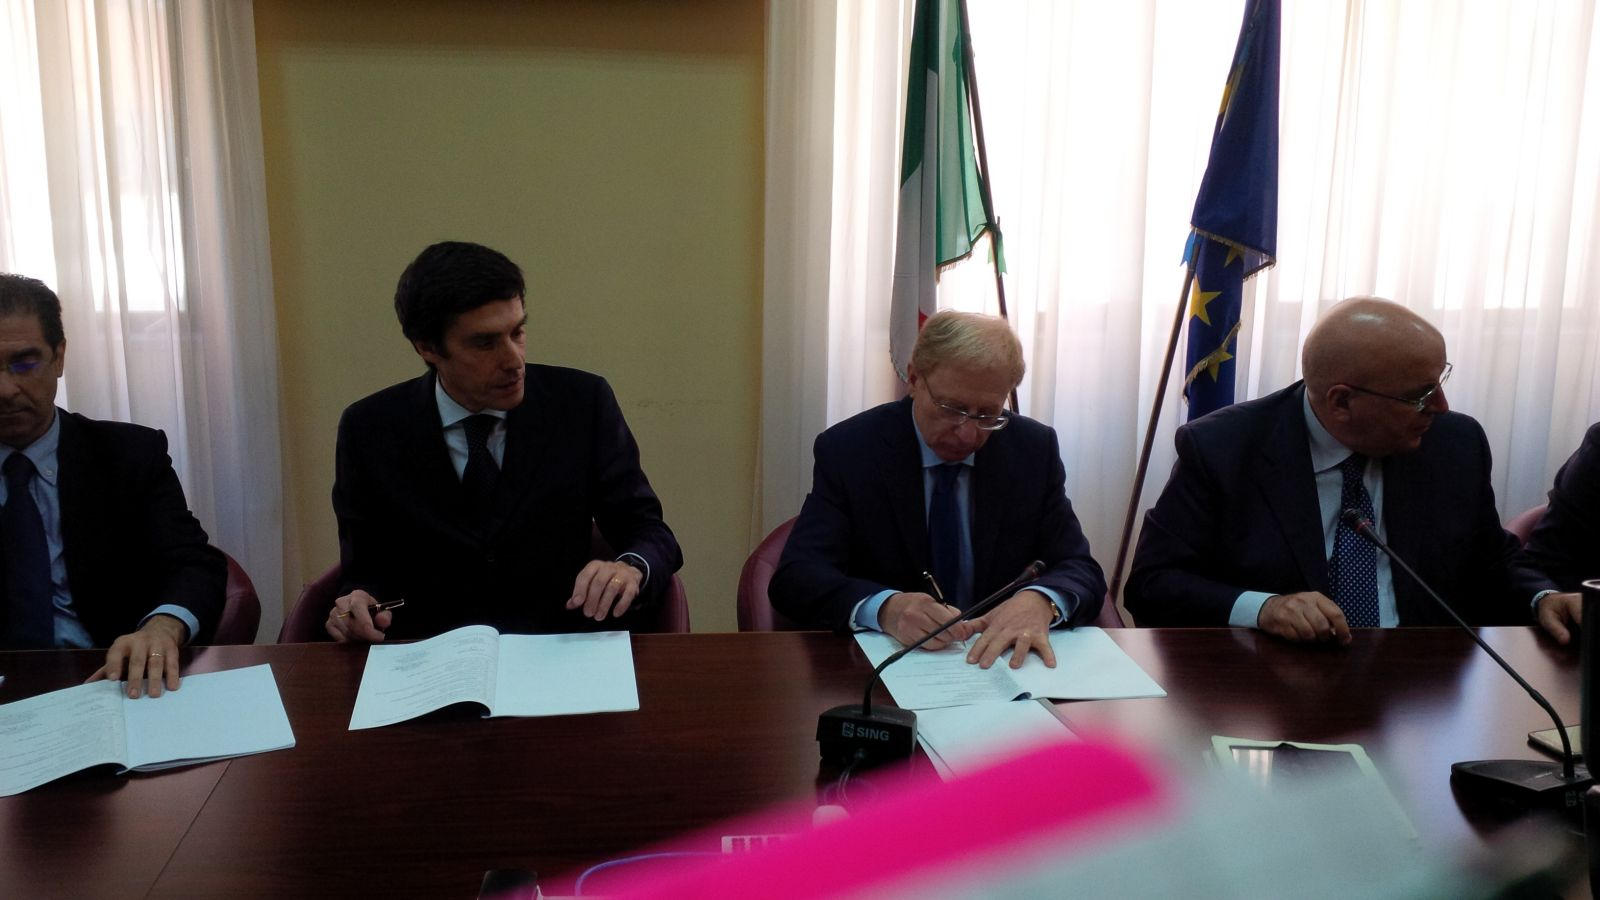 Ospedale Sibaritide, firmato protocollo per prevenire infiltrazioni delle cosche sanità